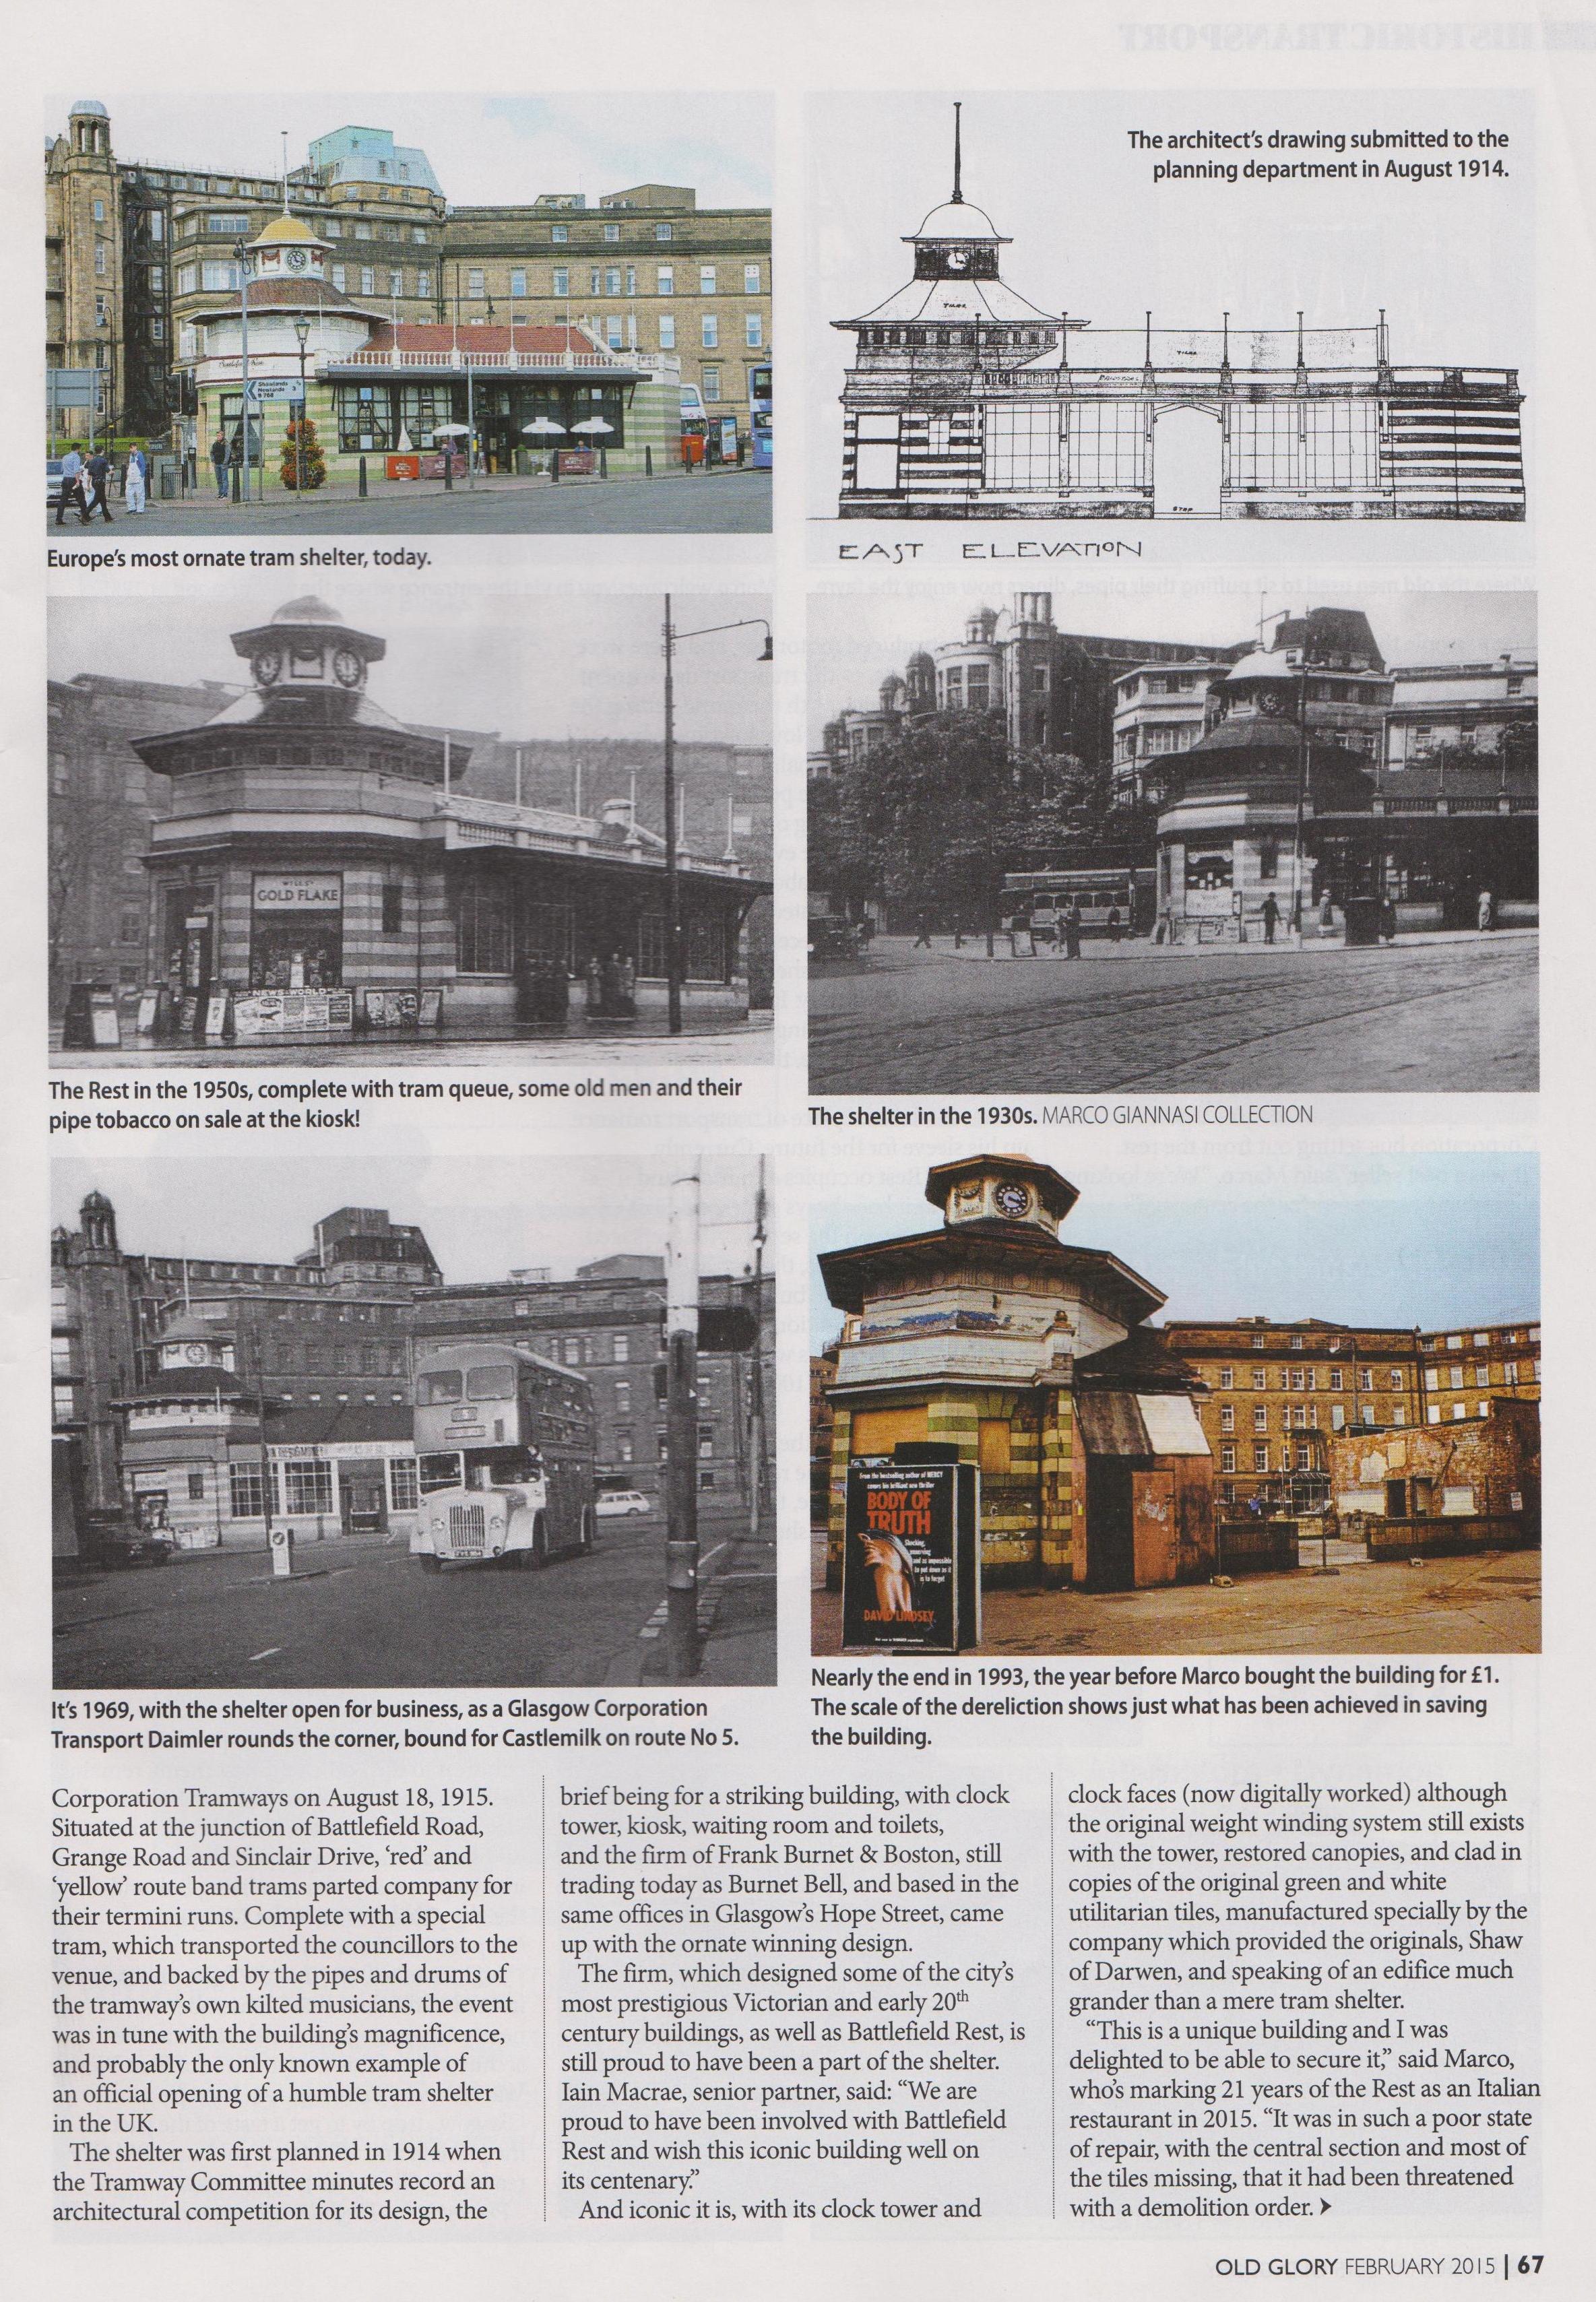 Old Glory Magazine February 2015.67